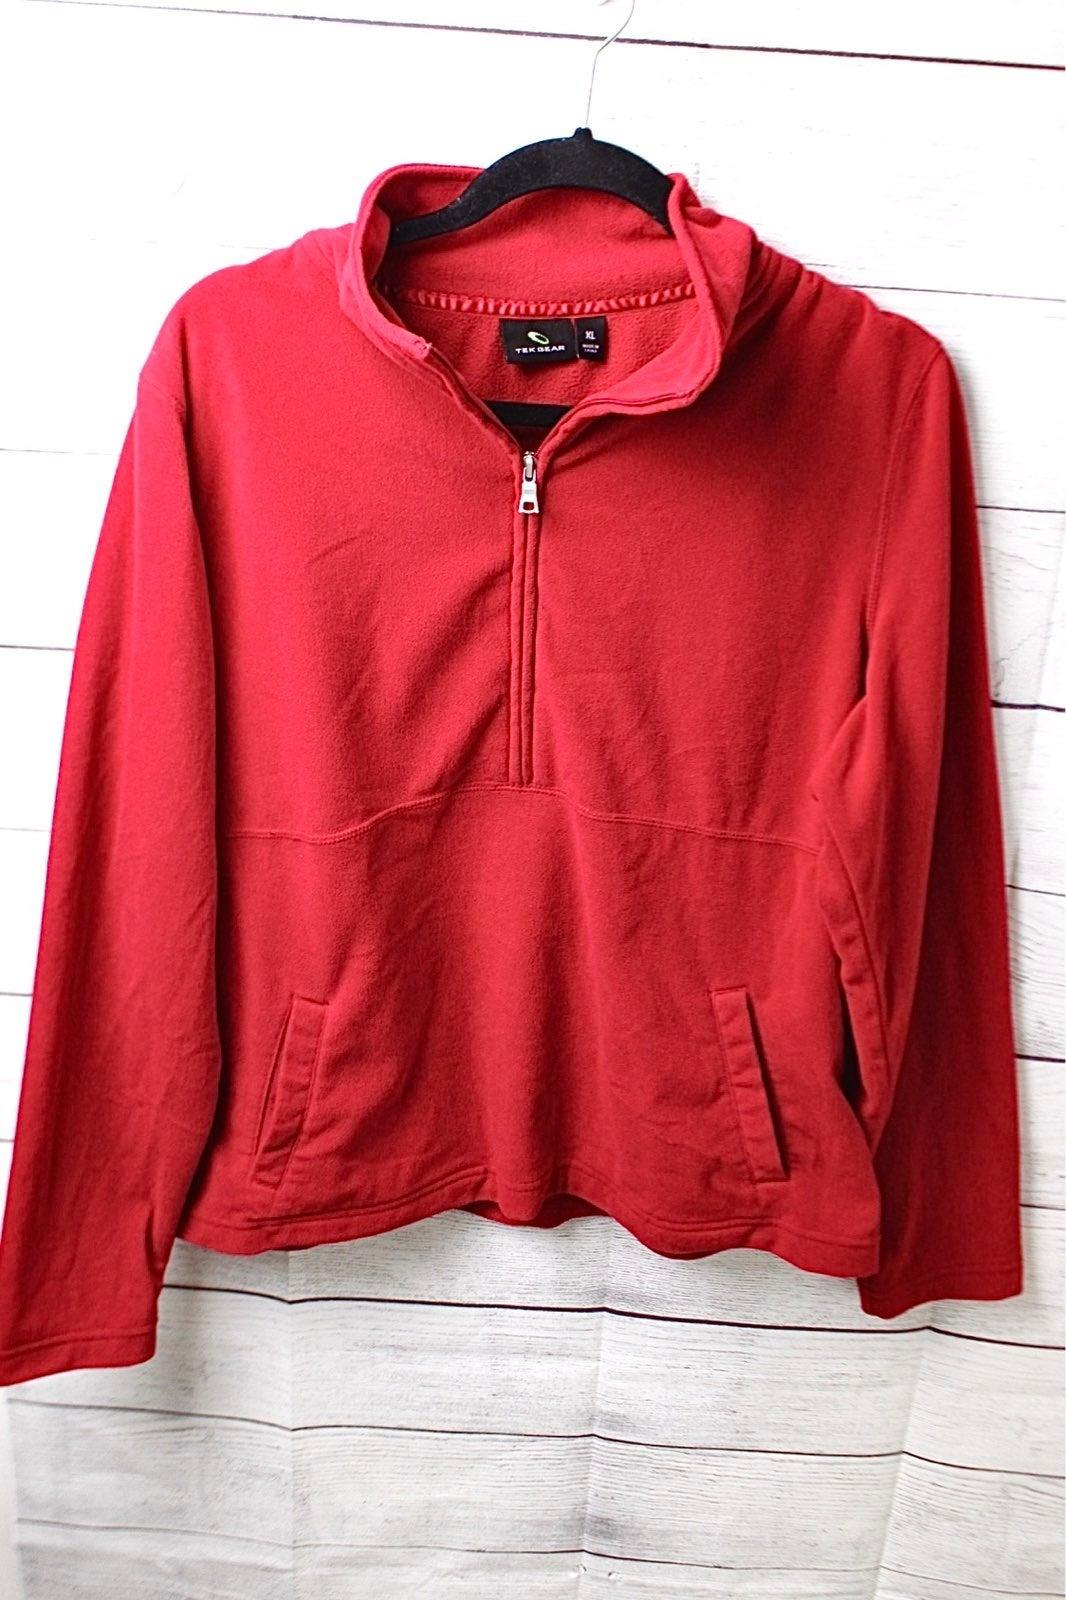 Tek Gear Fleece half zip pullover